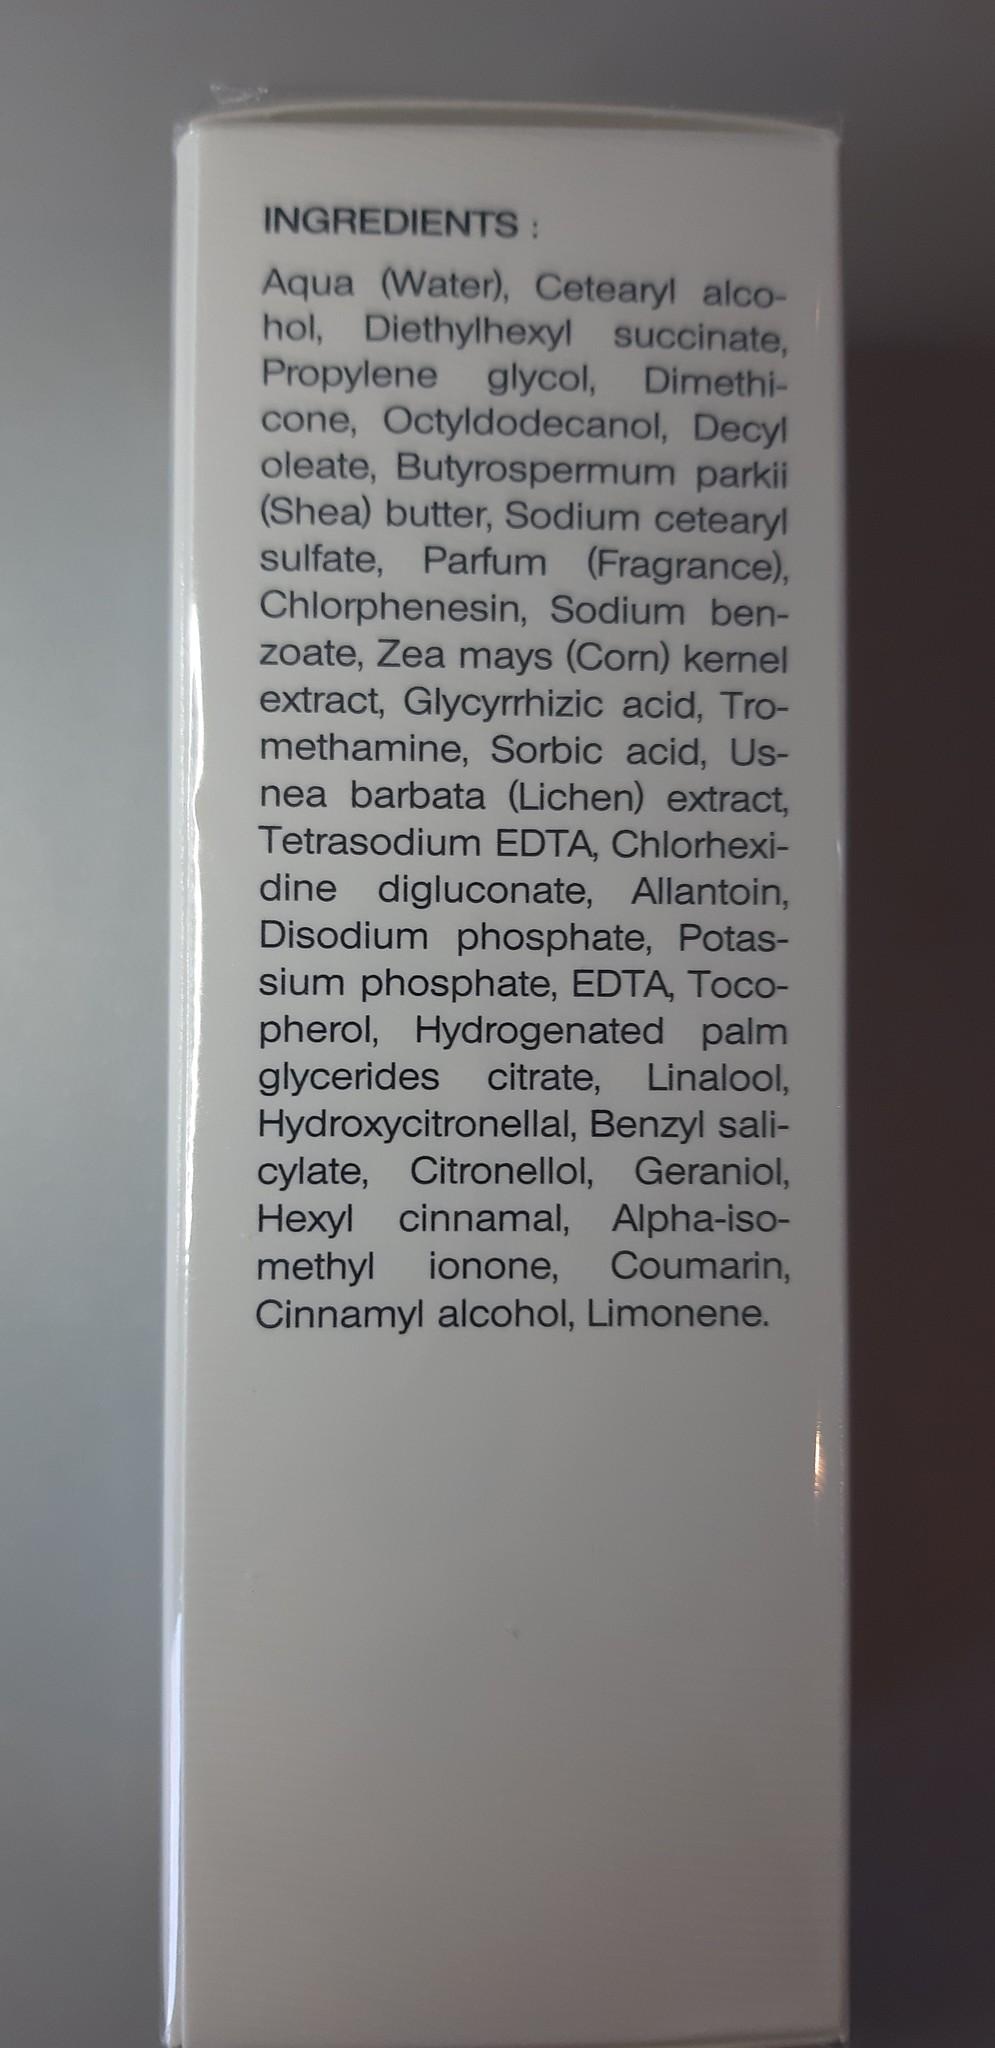 Sothys Crème Reparatrice voor de vette huid